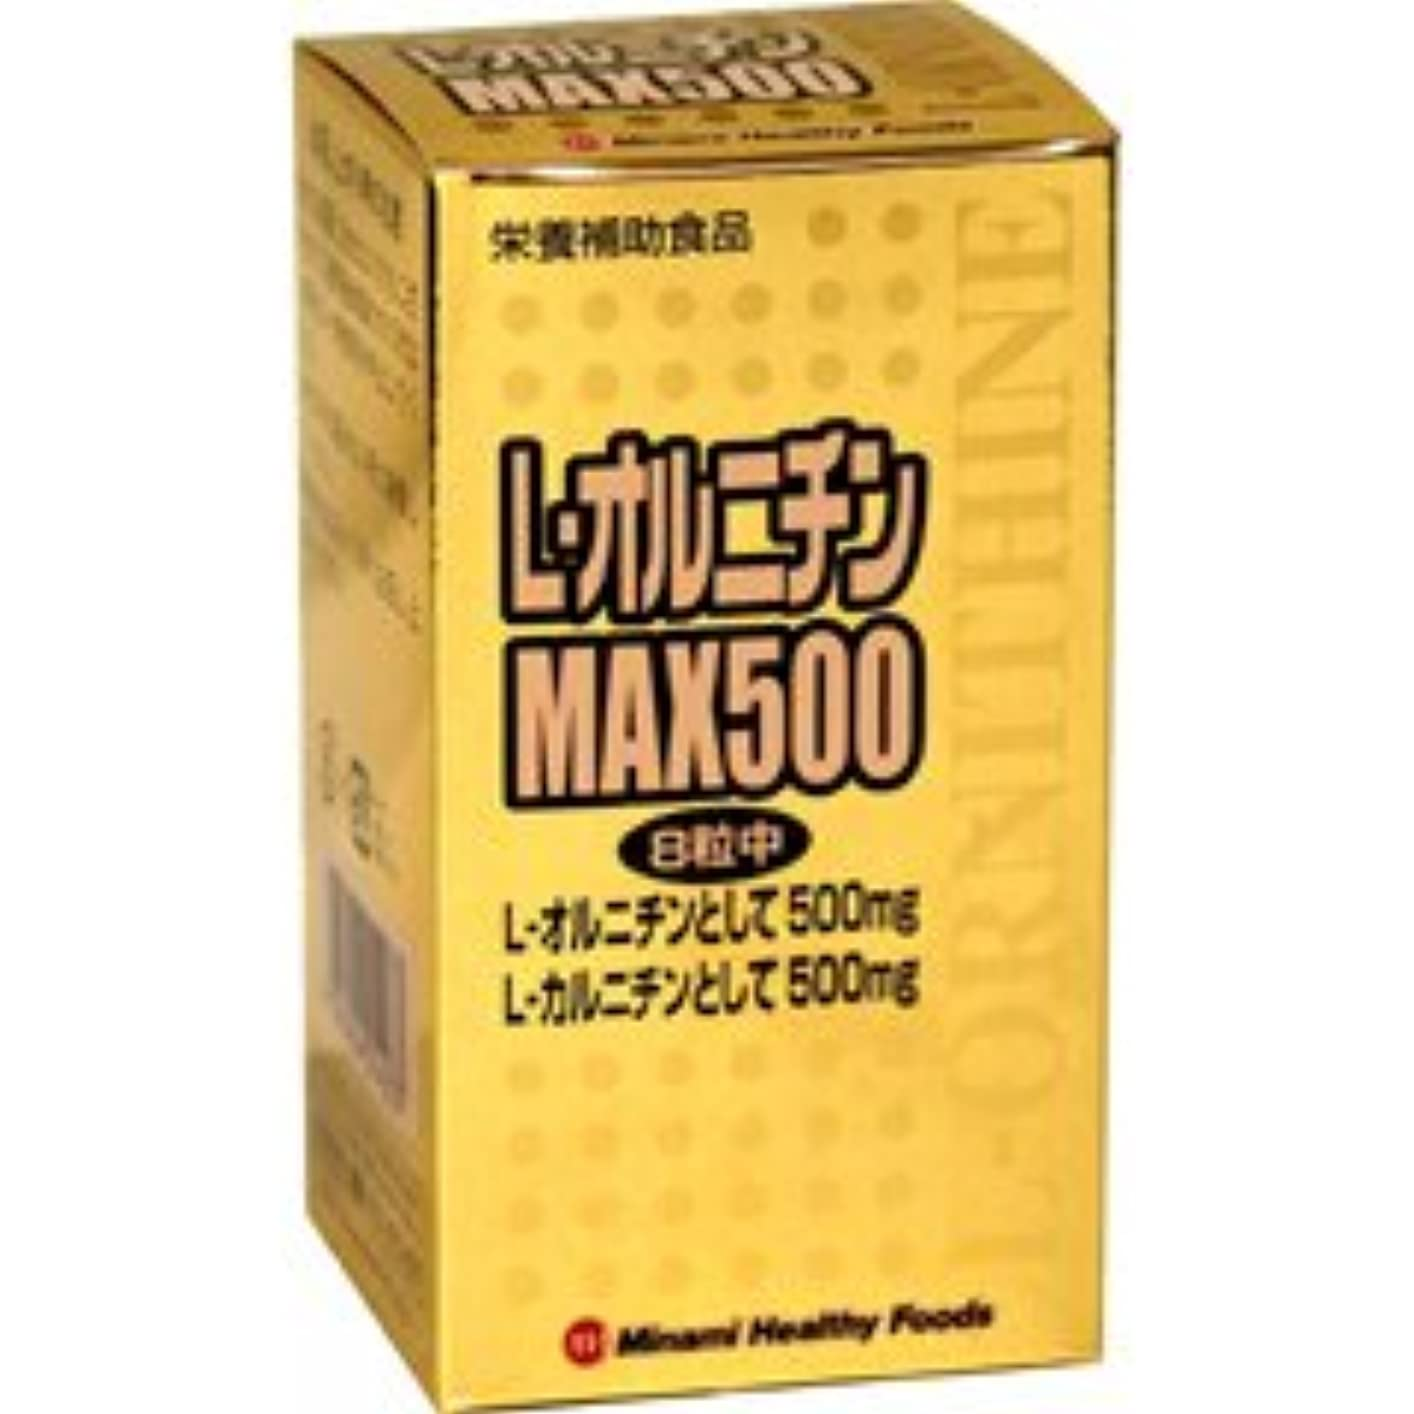 ブロックしたがって環境保護主義者L-オルニチン MAX500 240粒 【ミナミヘルシーフーズ】